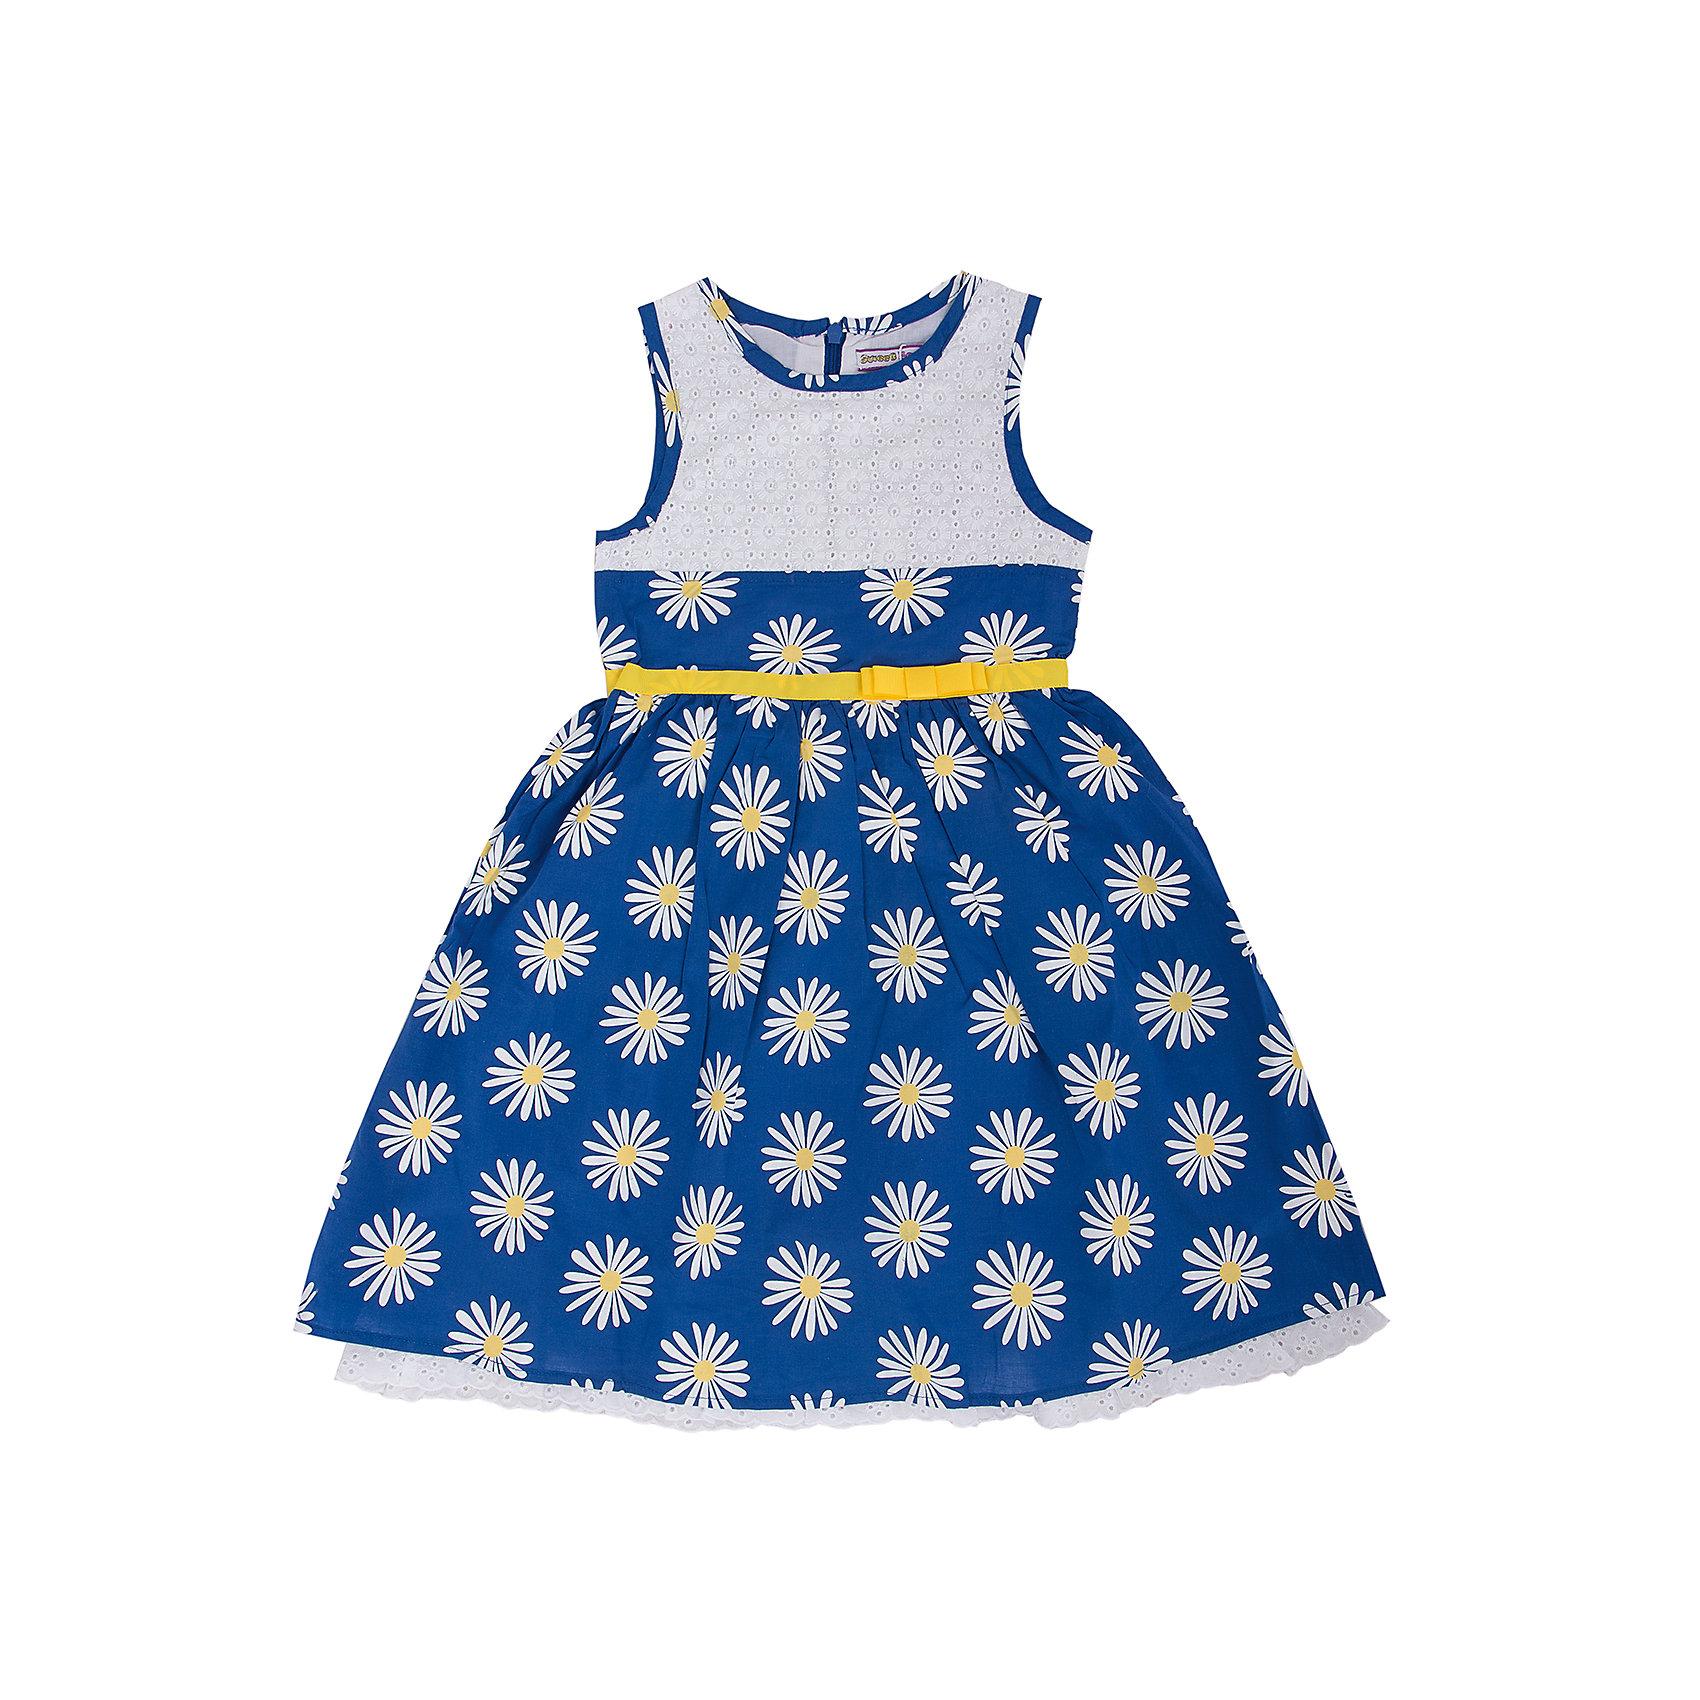 Платье для девочки Sweet BerryПлатья и сарафаны<br>Платье для девочки от известного бренда Sweet Berry<br>Платье прилегающего силуэта с отрезной талией.  Кокетка и отрезная планка по низу из ажурного шитья. Изделие дополнено съёмным поясом, который идет в<br>Состав:<br>100% хлопок<br><br>Ширина мм: 215<br>Глубина мм: 88<br>Высота мм: 191<br>Вес г: 336<br>Цвет: разноцветный<br>Возраст от месяцев: 24<br>Возраст до месяцев: 36<br>Пол: Женский<br>Возраст: Детский<br>Размер: 98,104<br>SKU: 4739512